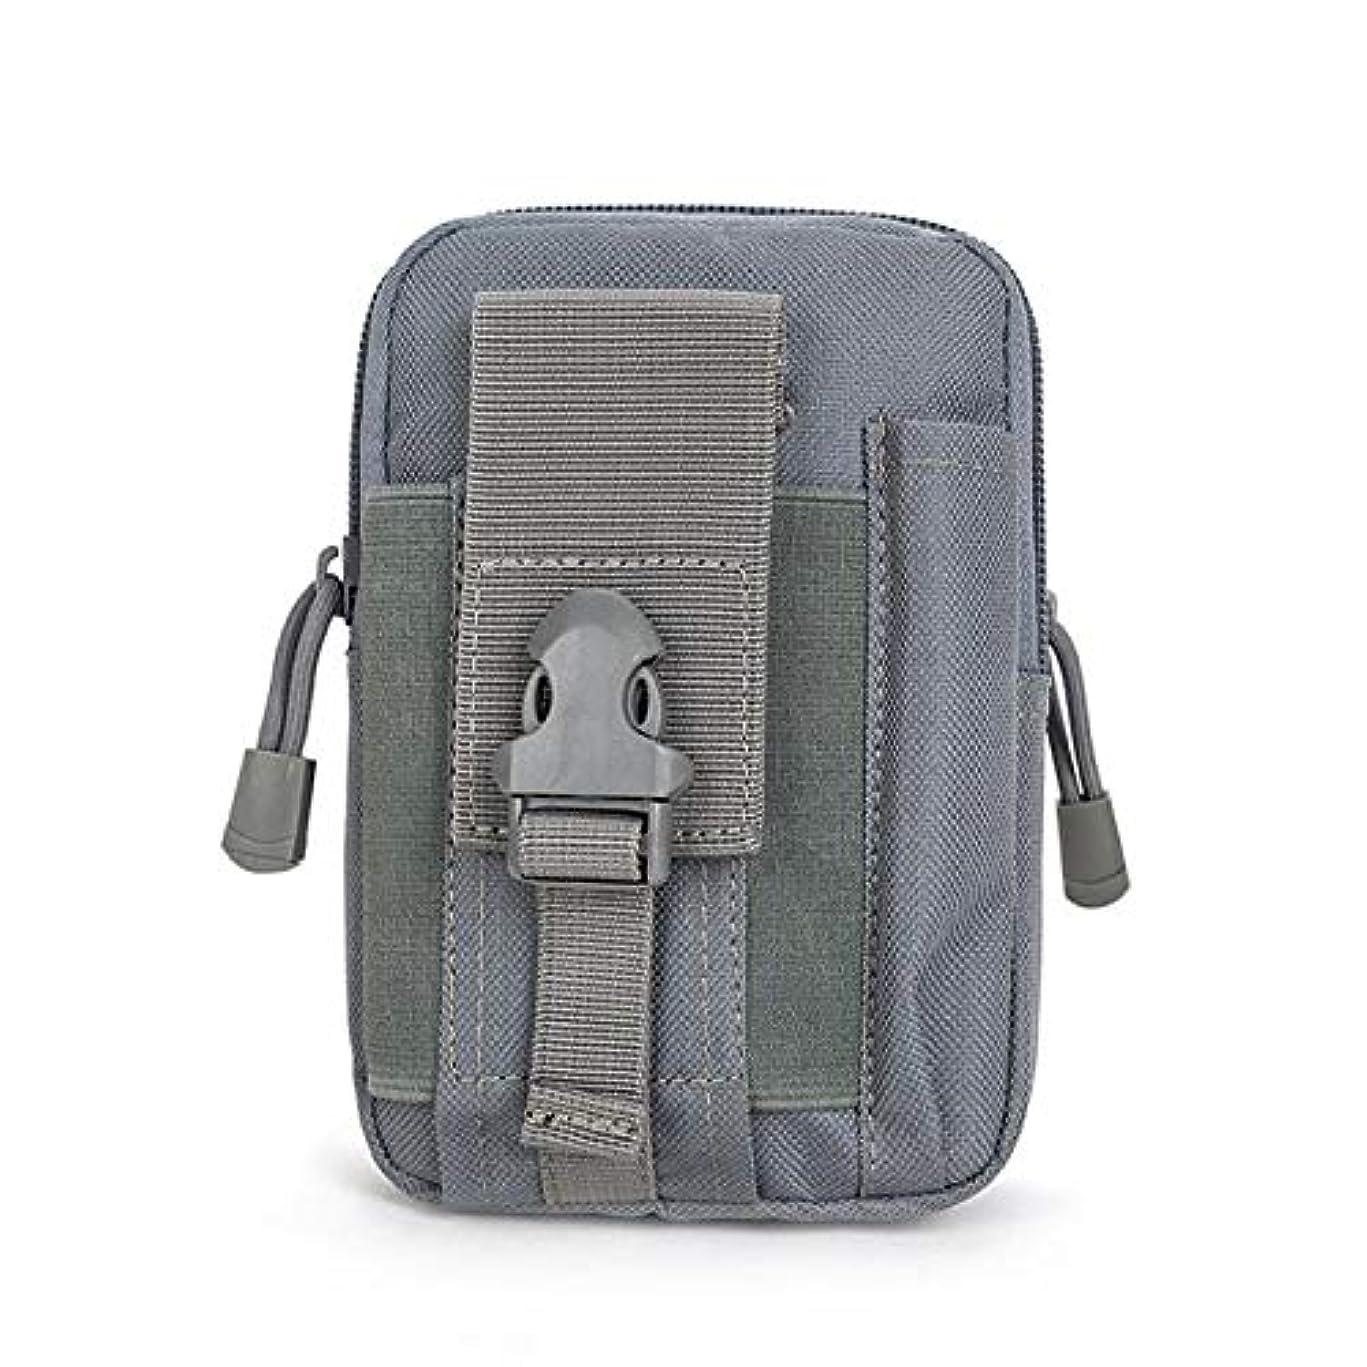 ネストクアッガ放棄されたDishyKooker 電話ポケット防水バッグ タクティカルモールポーチベルト ウエストパック